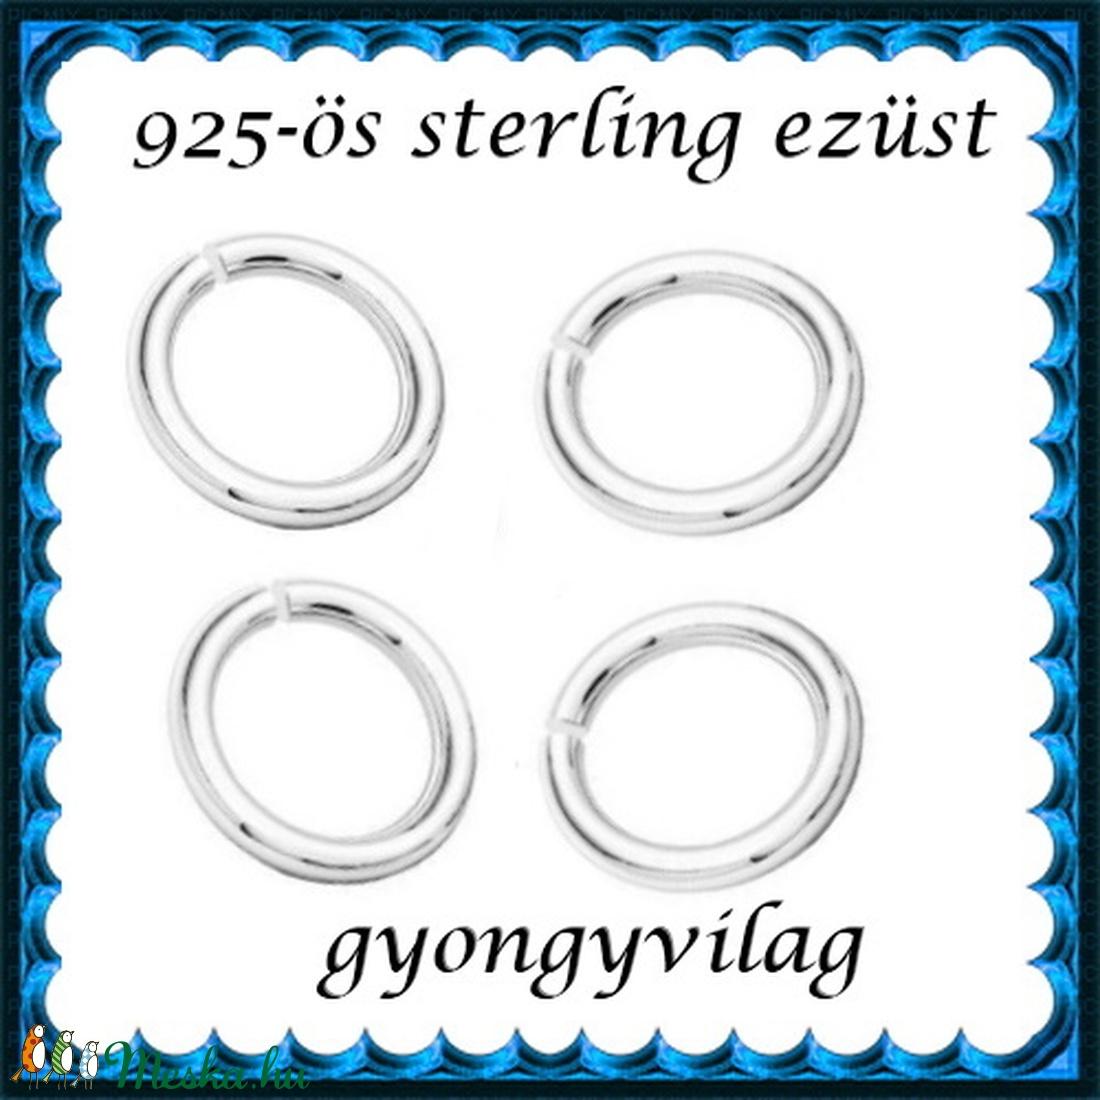 925-ös ezüst szerelőkarika nyitott ESZK NY 4  x 0,7 mm-es   4db/csomag - gyöngy, ékszerkellék - egyéb alkatrész - Meska.hu